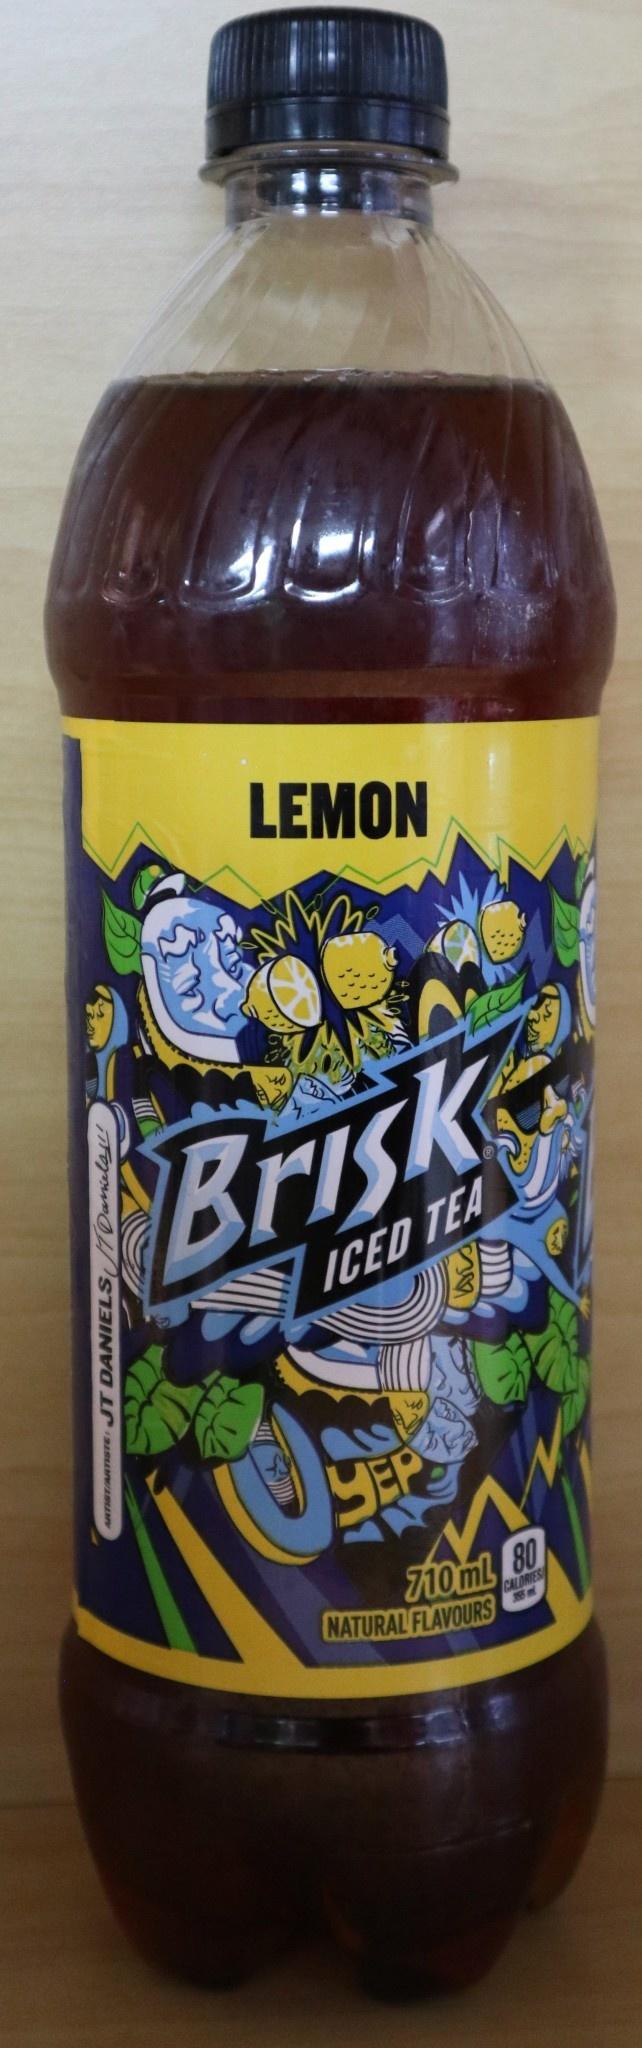 Brisk Brisk - Lemon Iced Tea - 710mL bottle